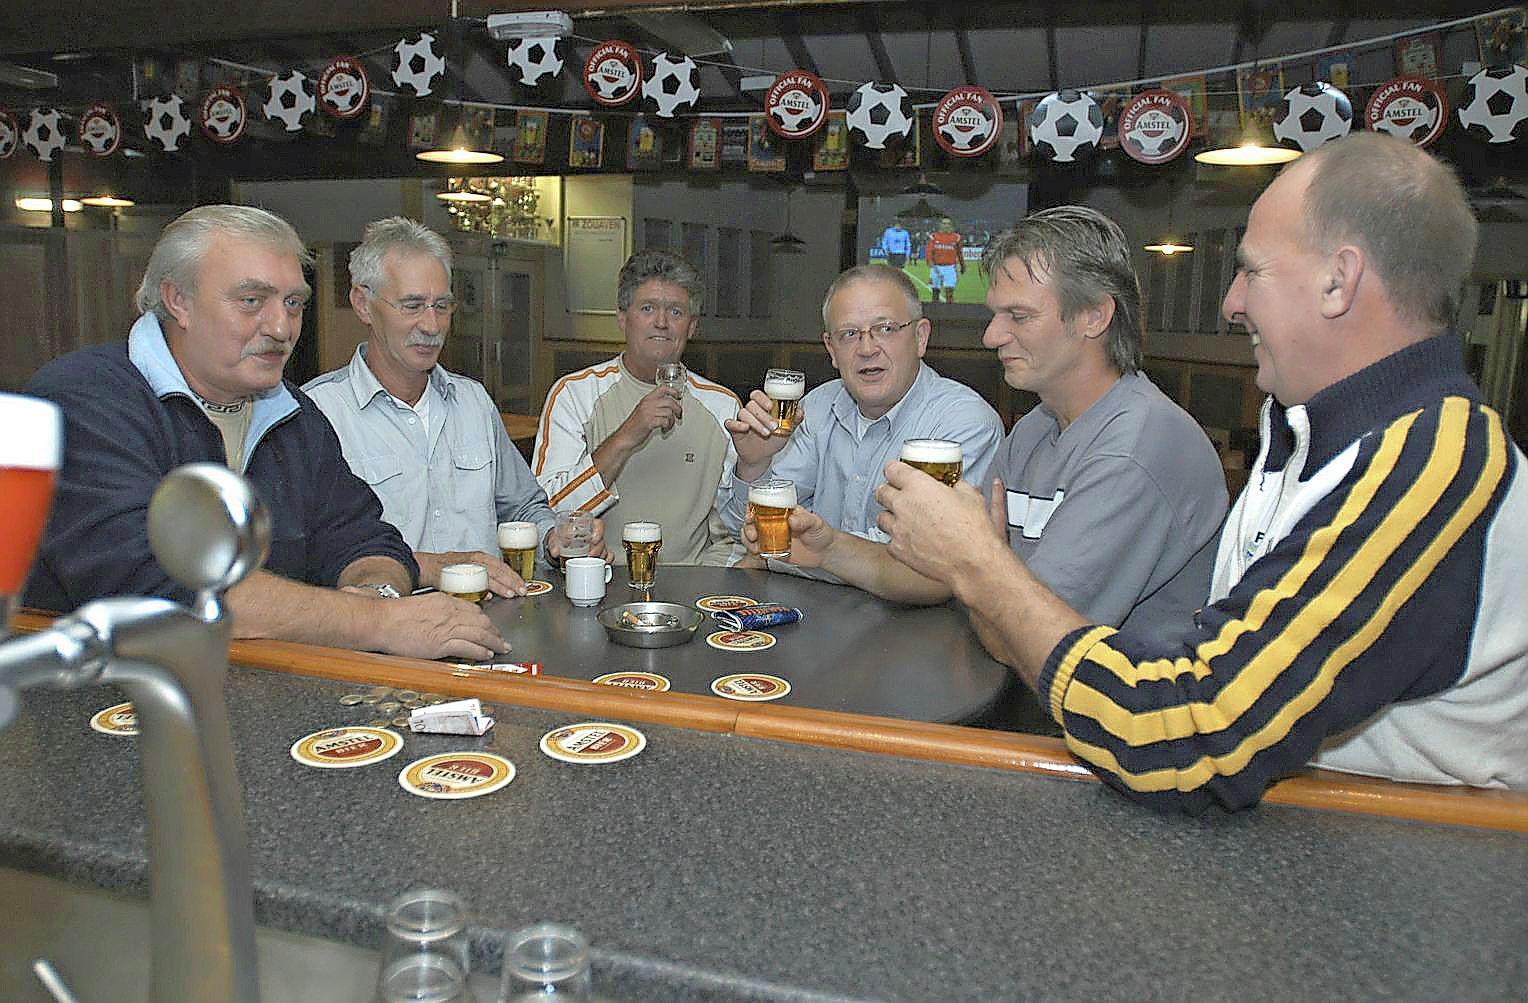 Voetbalclubs bedanken hun trouwe leden: een vette kantinecheque voor alle seniorenenelftallen